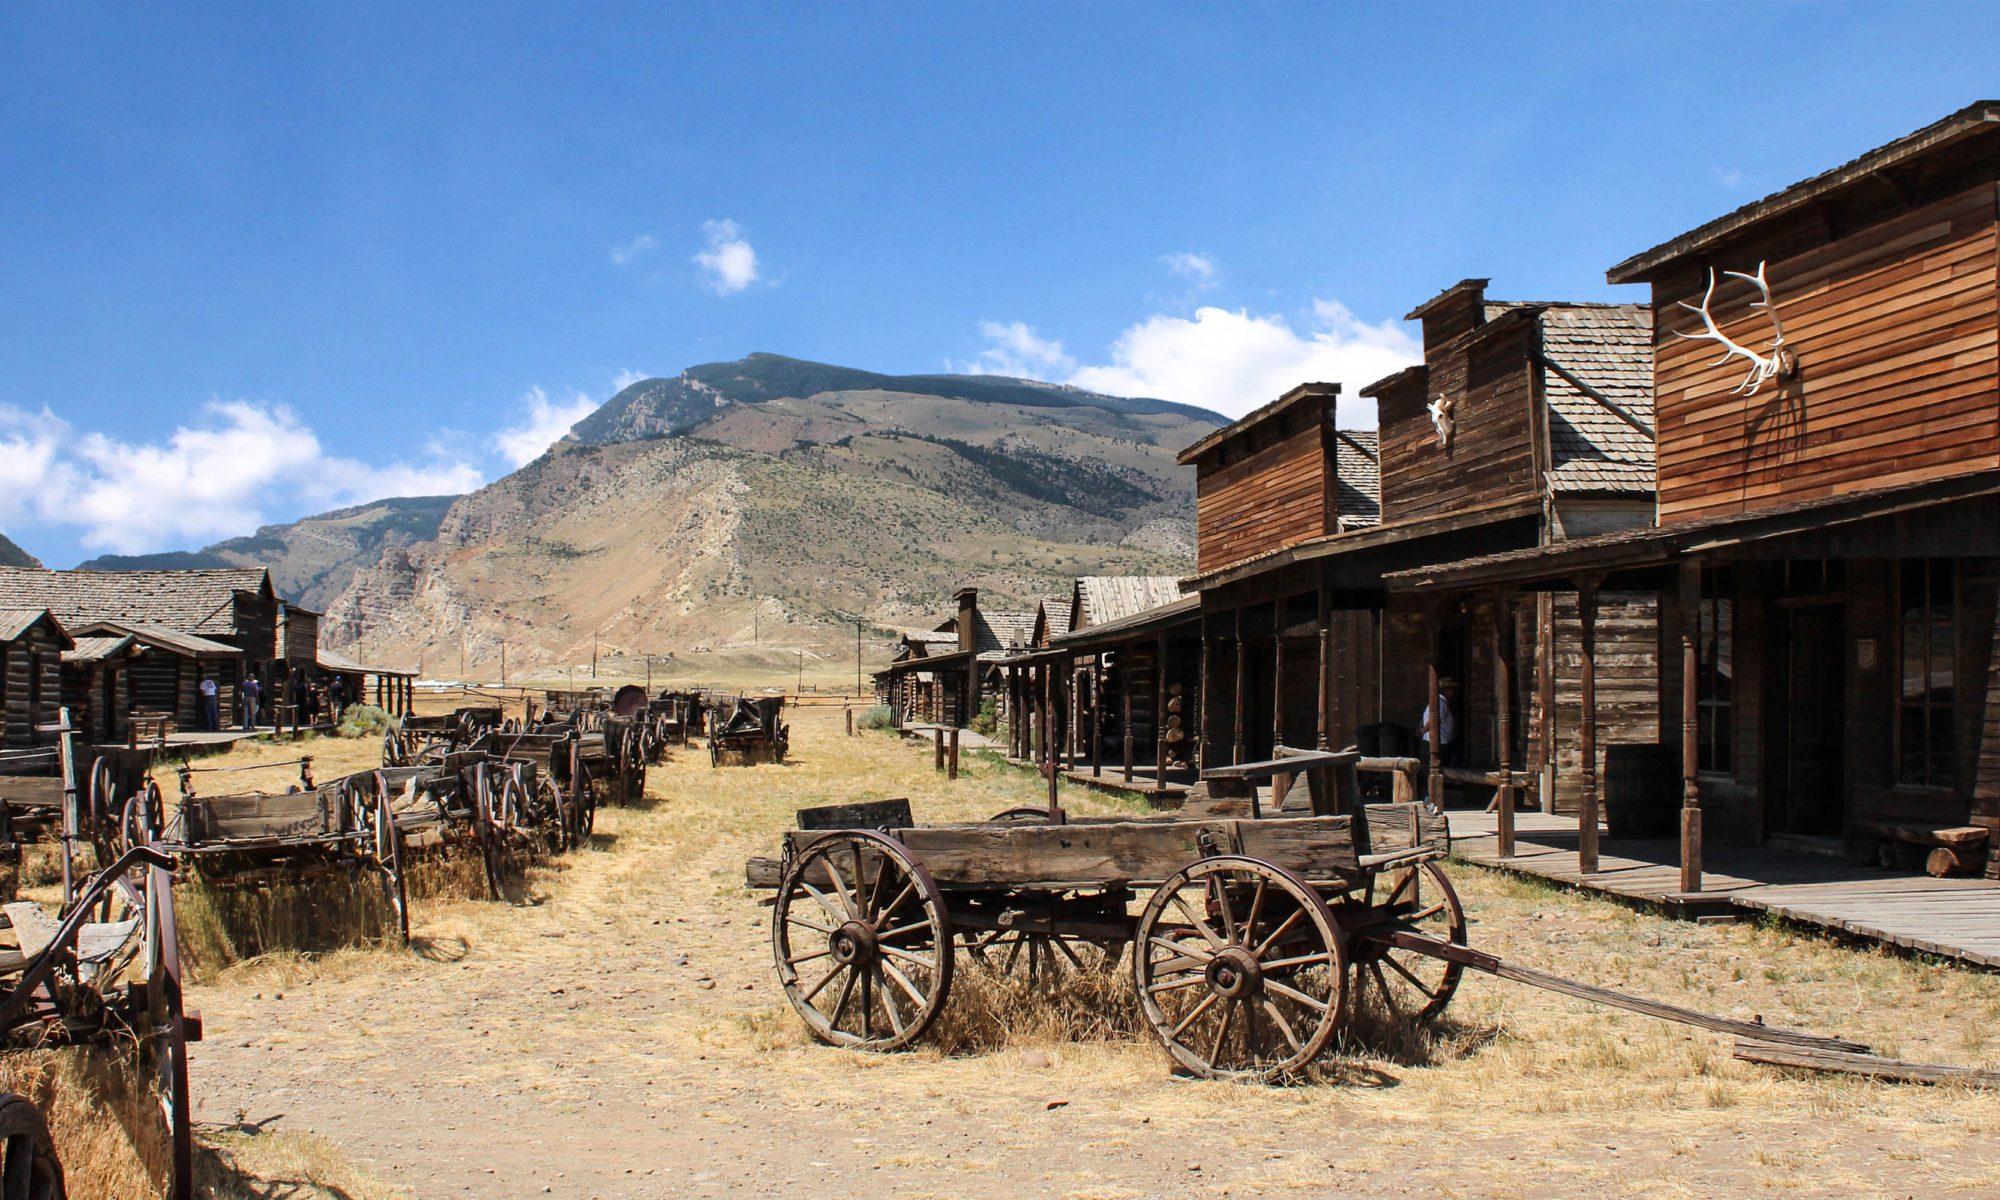 krajobraz westernowy